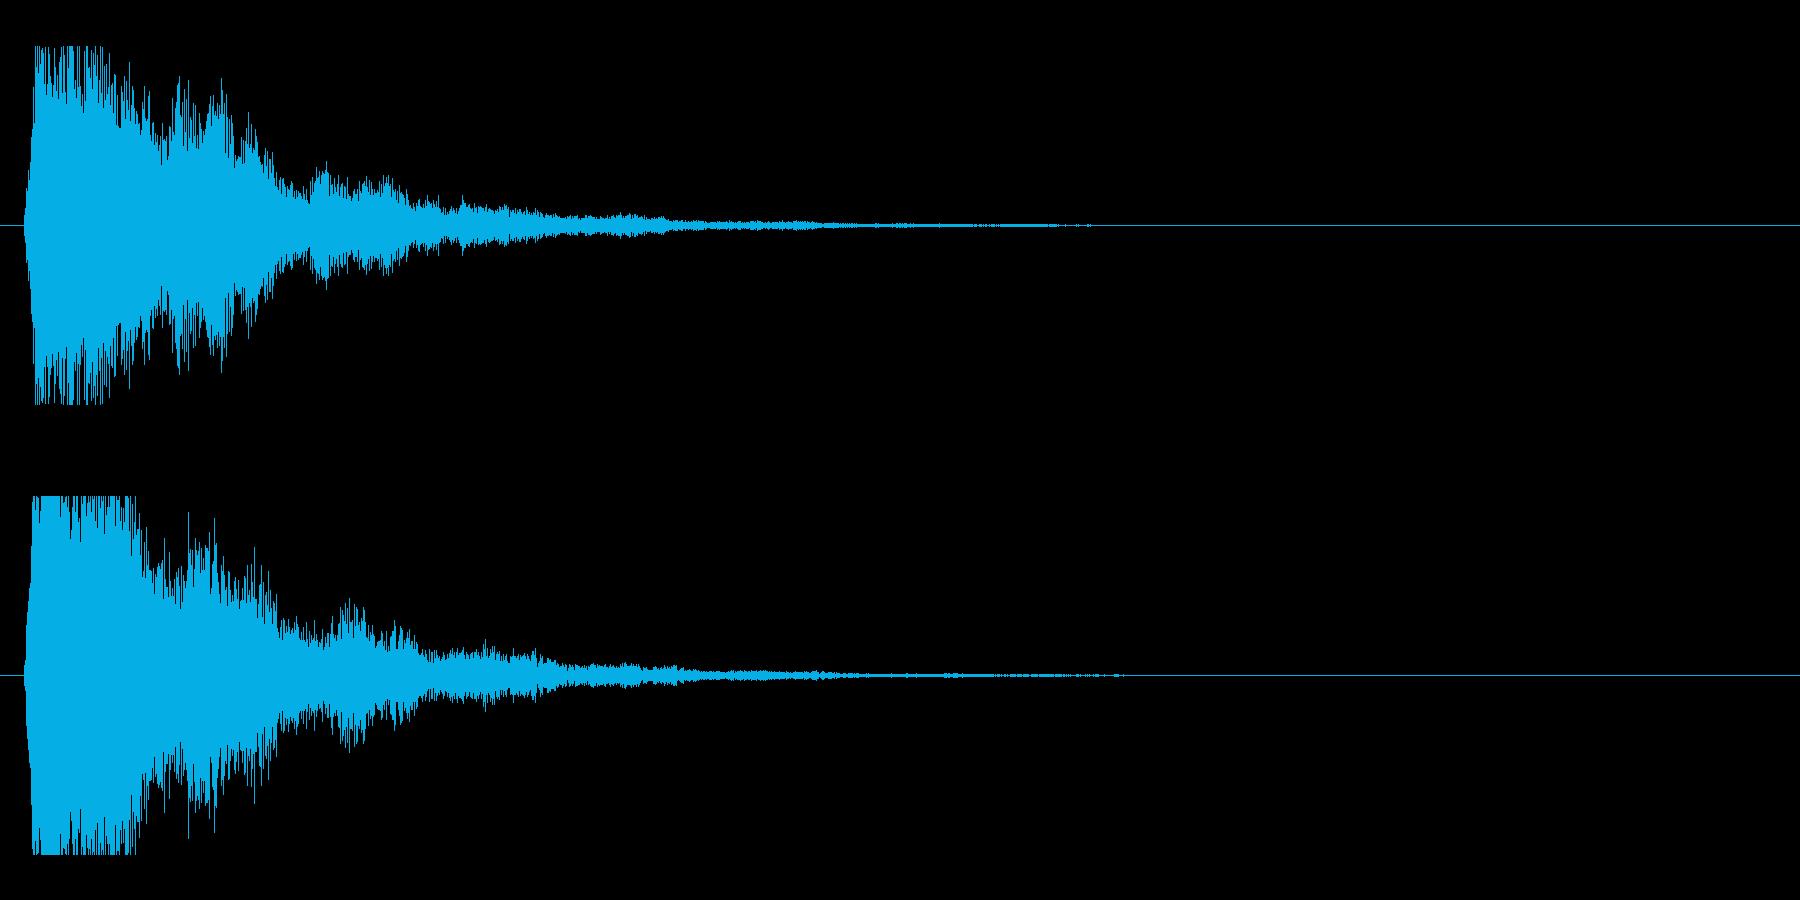 レーザー音-48-2の再生済みの波形